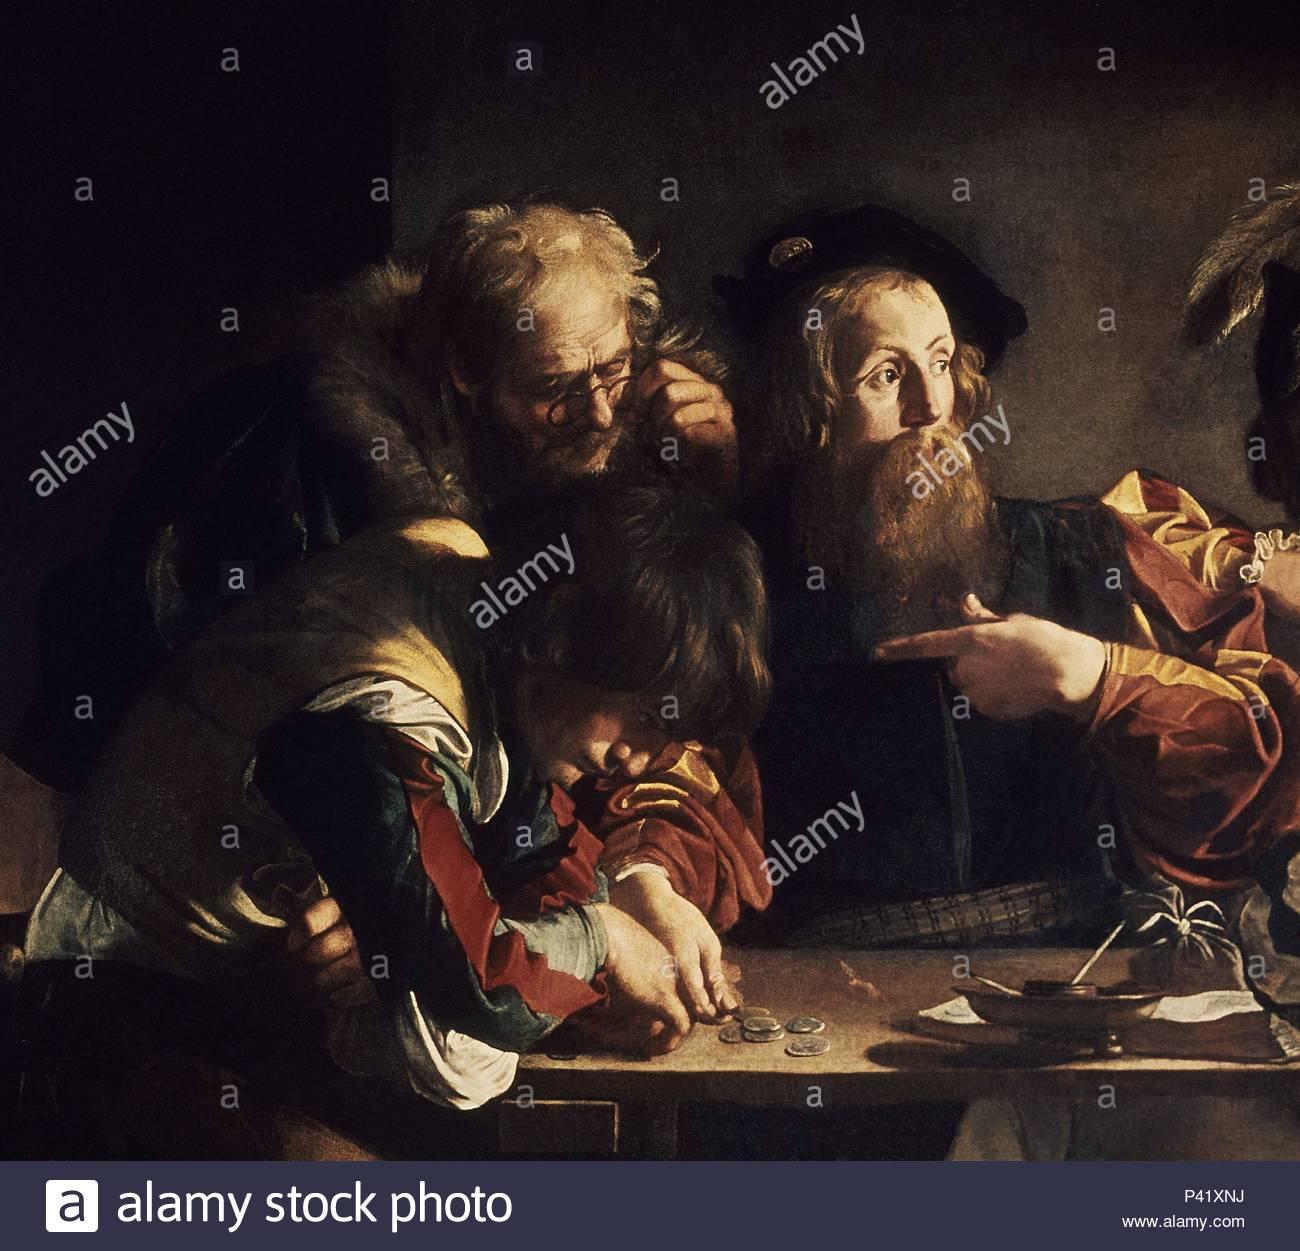 LA VOCACION DE SAN MATEO - DETALLE DEL SANTO - 1599-1600 - OLEO/